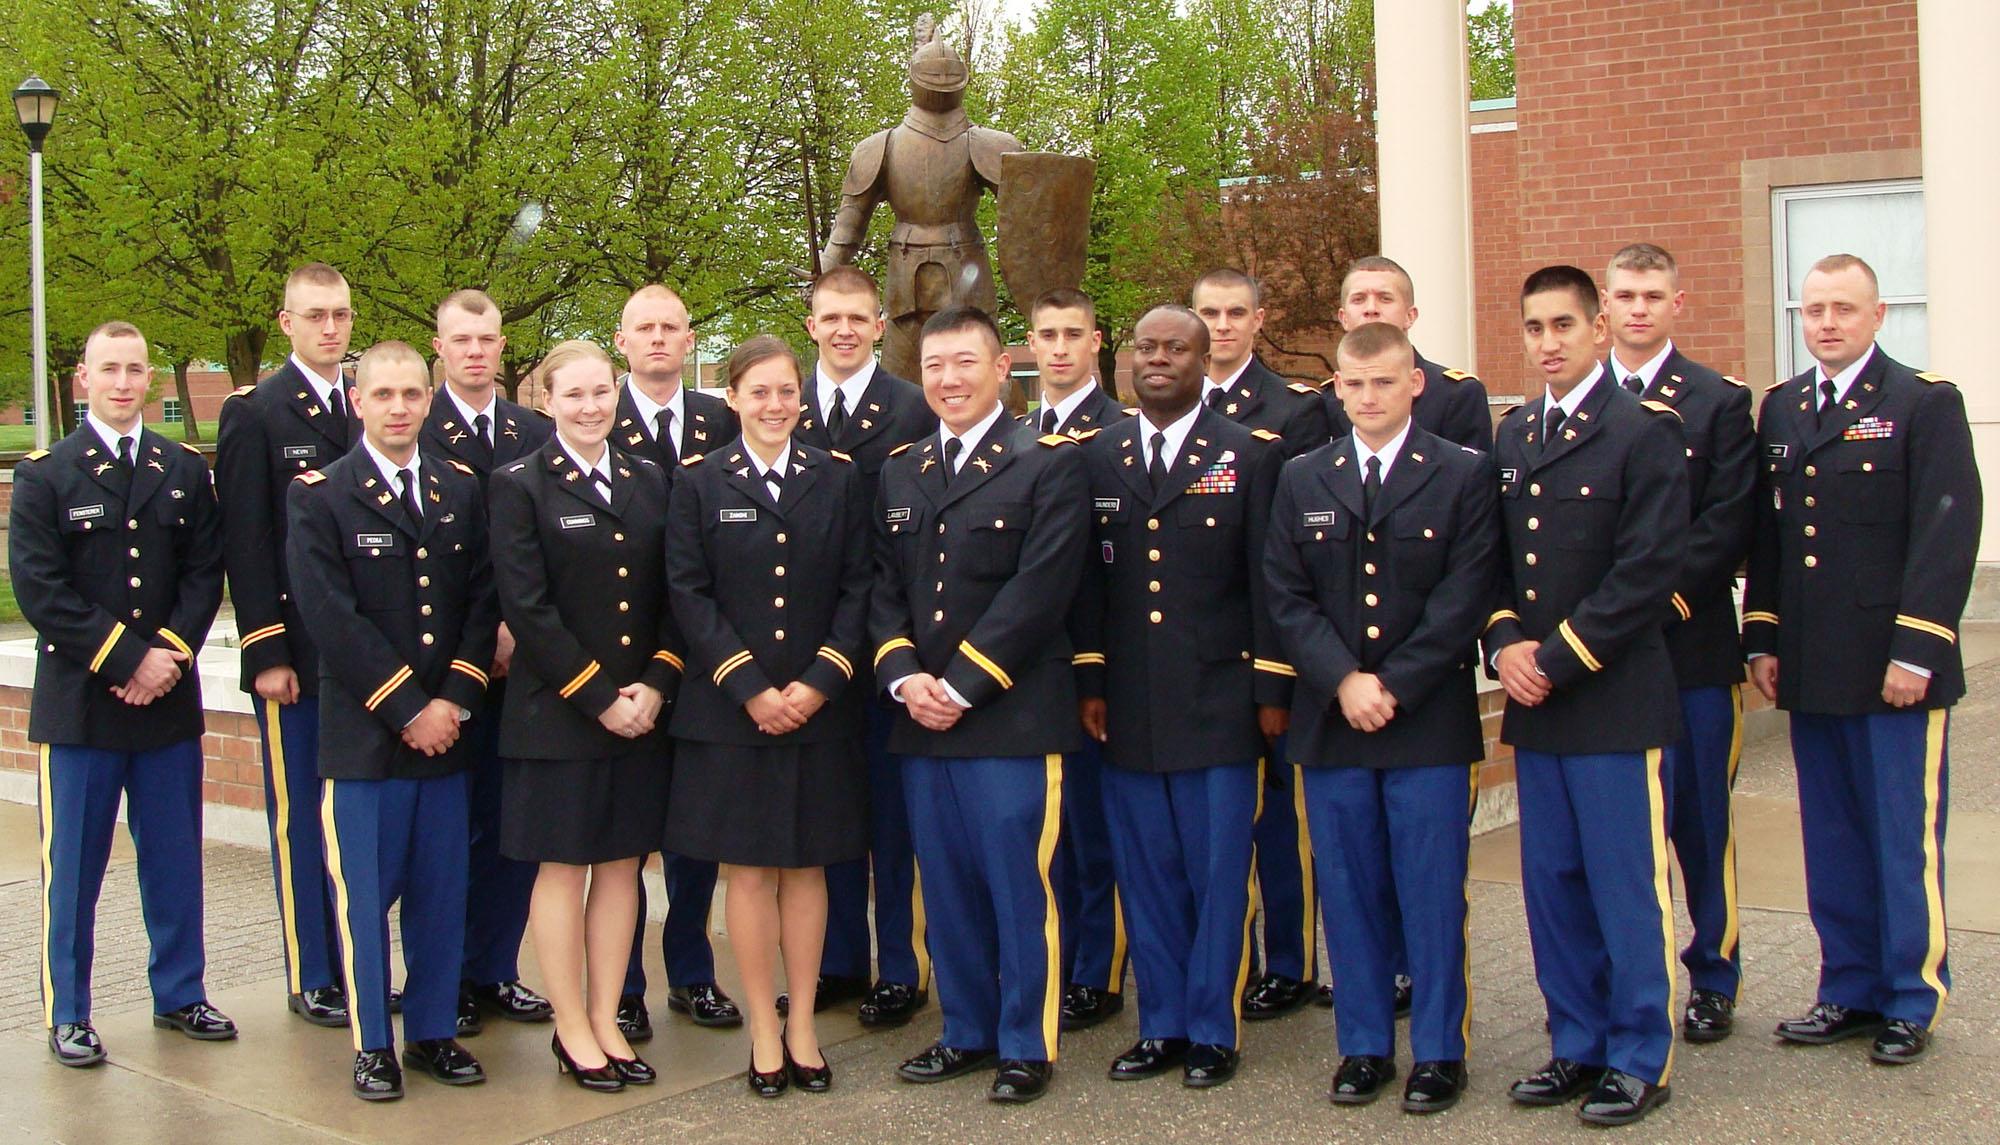 Armyrotc2012